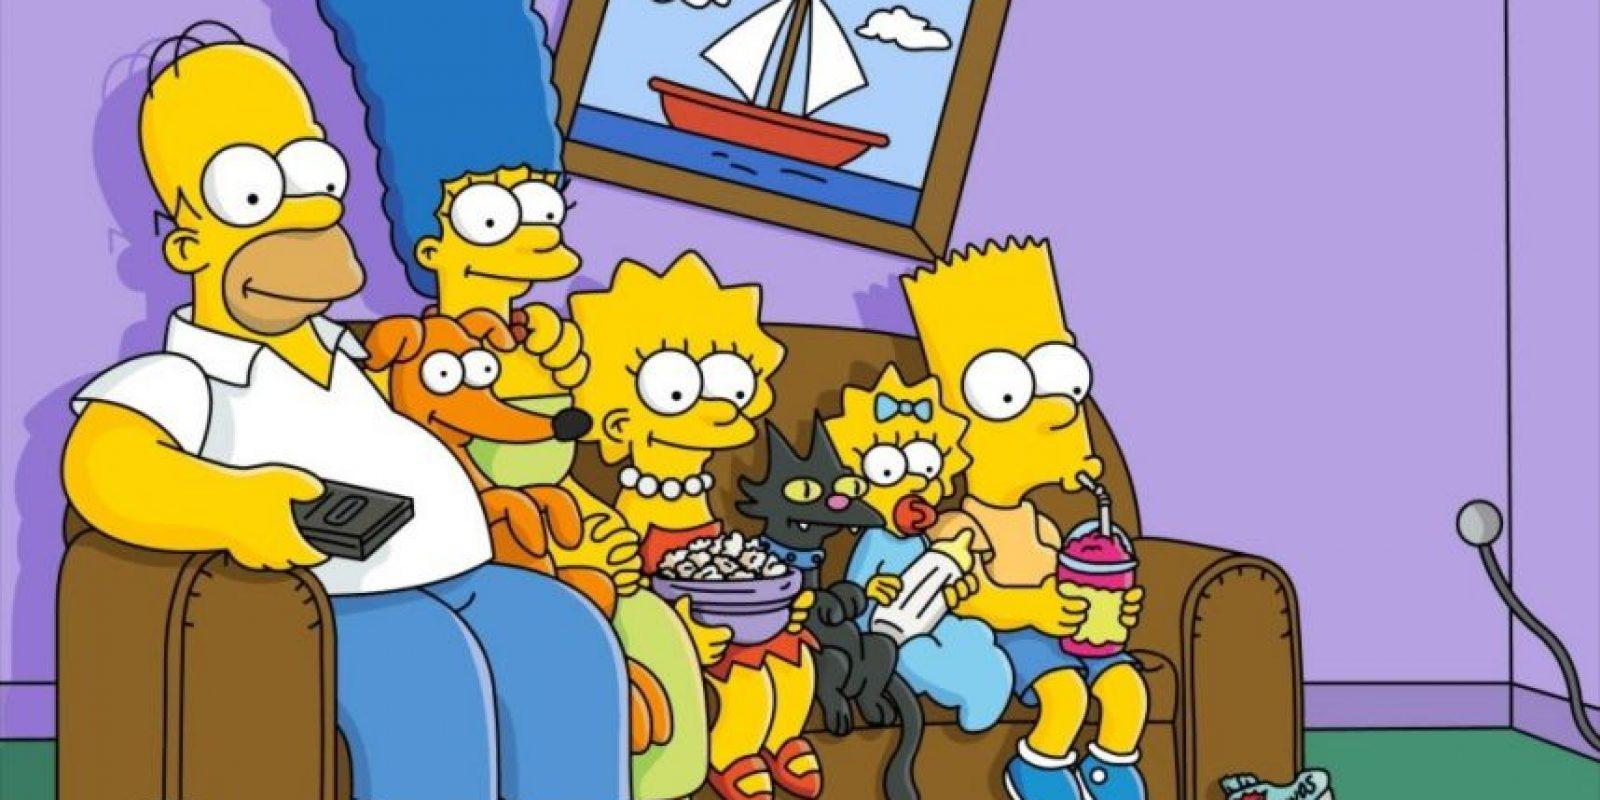 Los Simpsons Foto:Reproducción. Imagen Por: